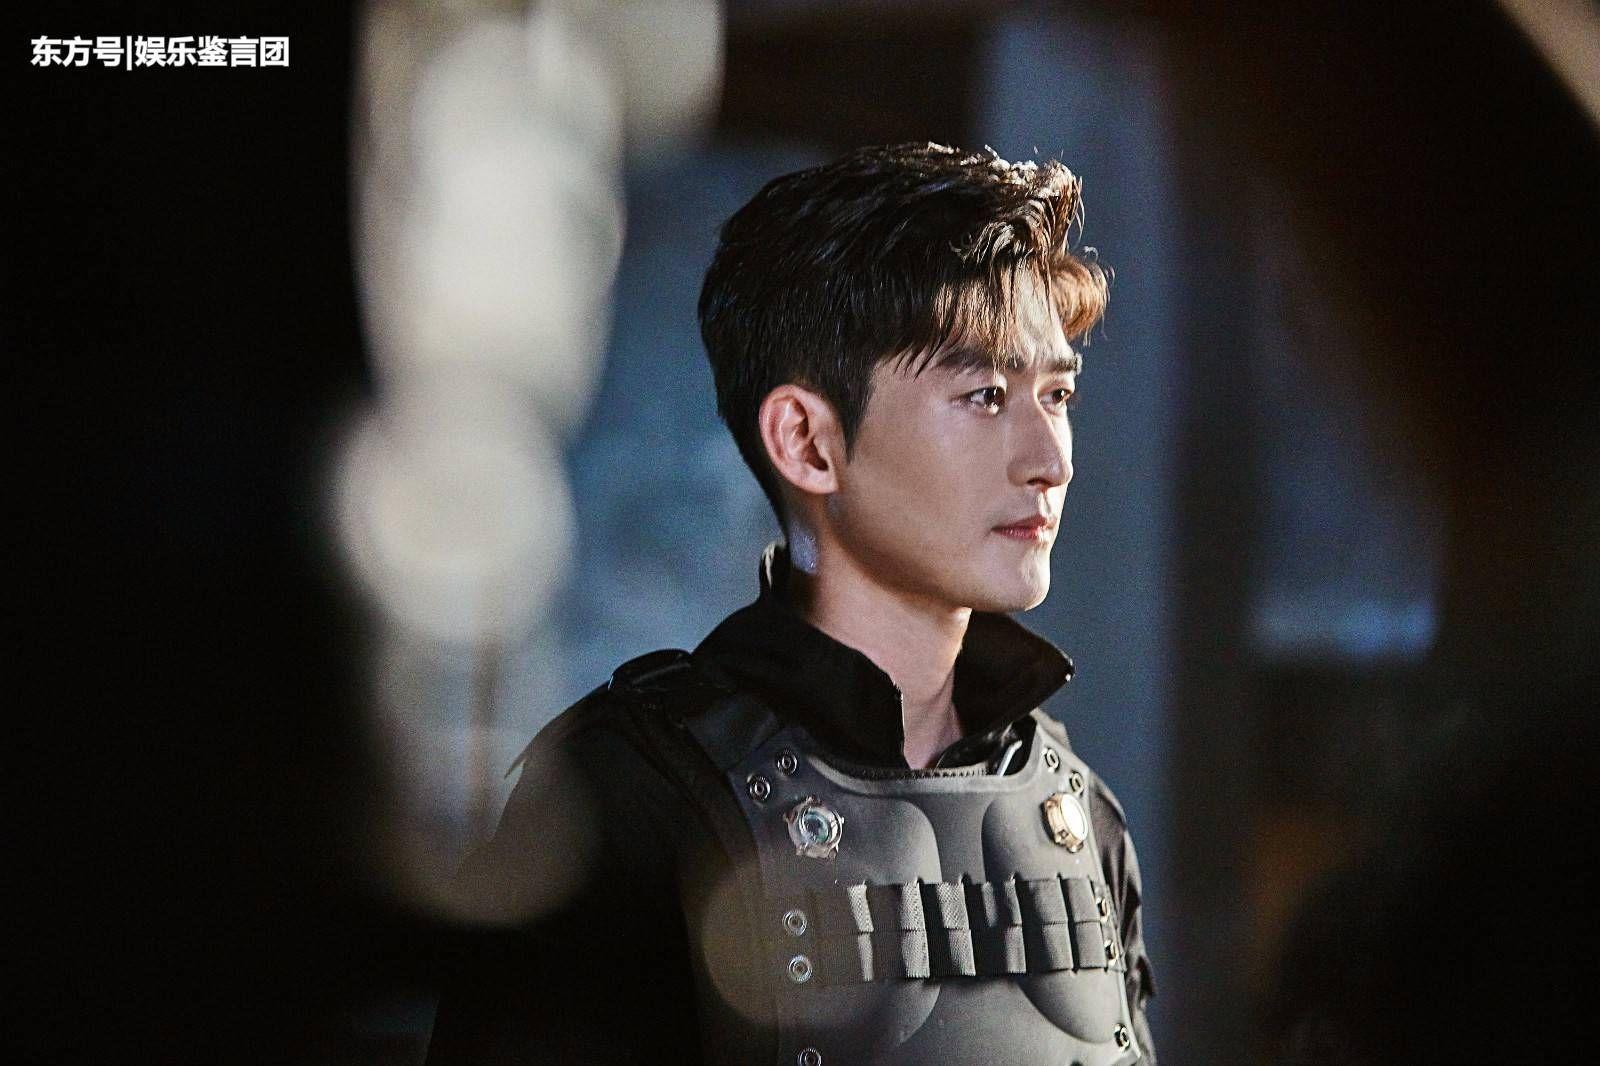 张翰加盟综艺《勇敢的世界》 热血首秀man力